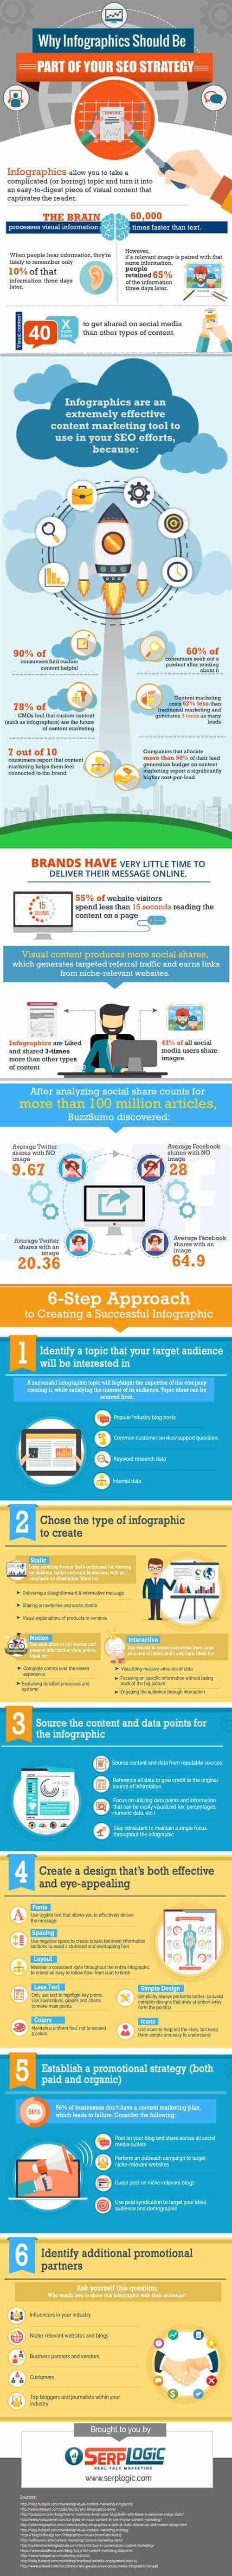 Para qué sirven las infografías en el Posicionamiento web Infografía